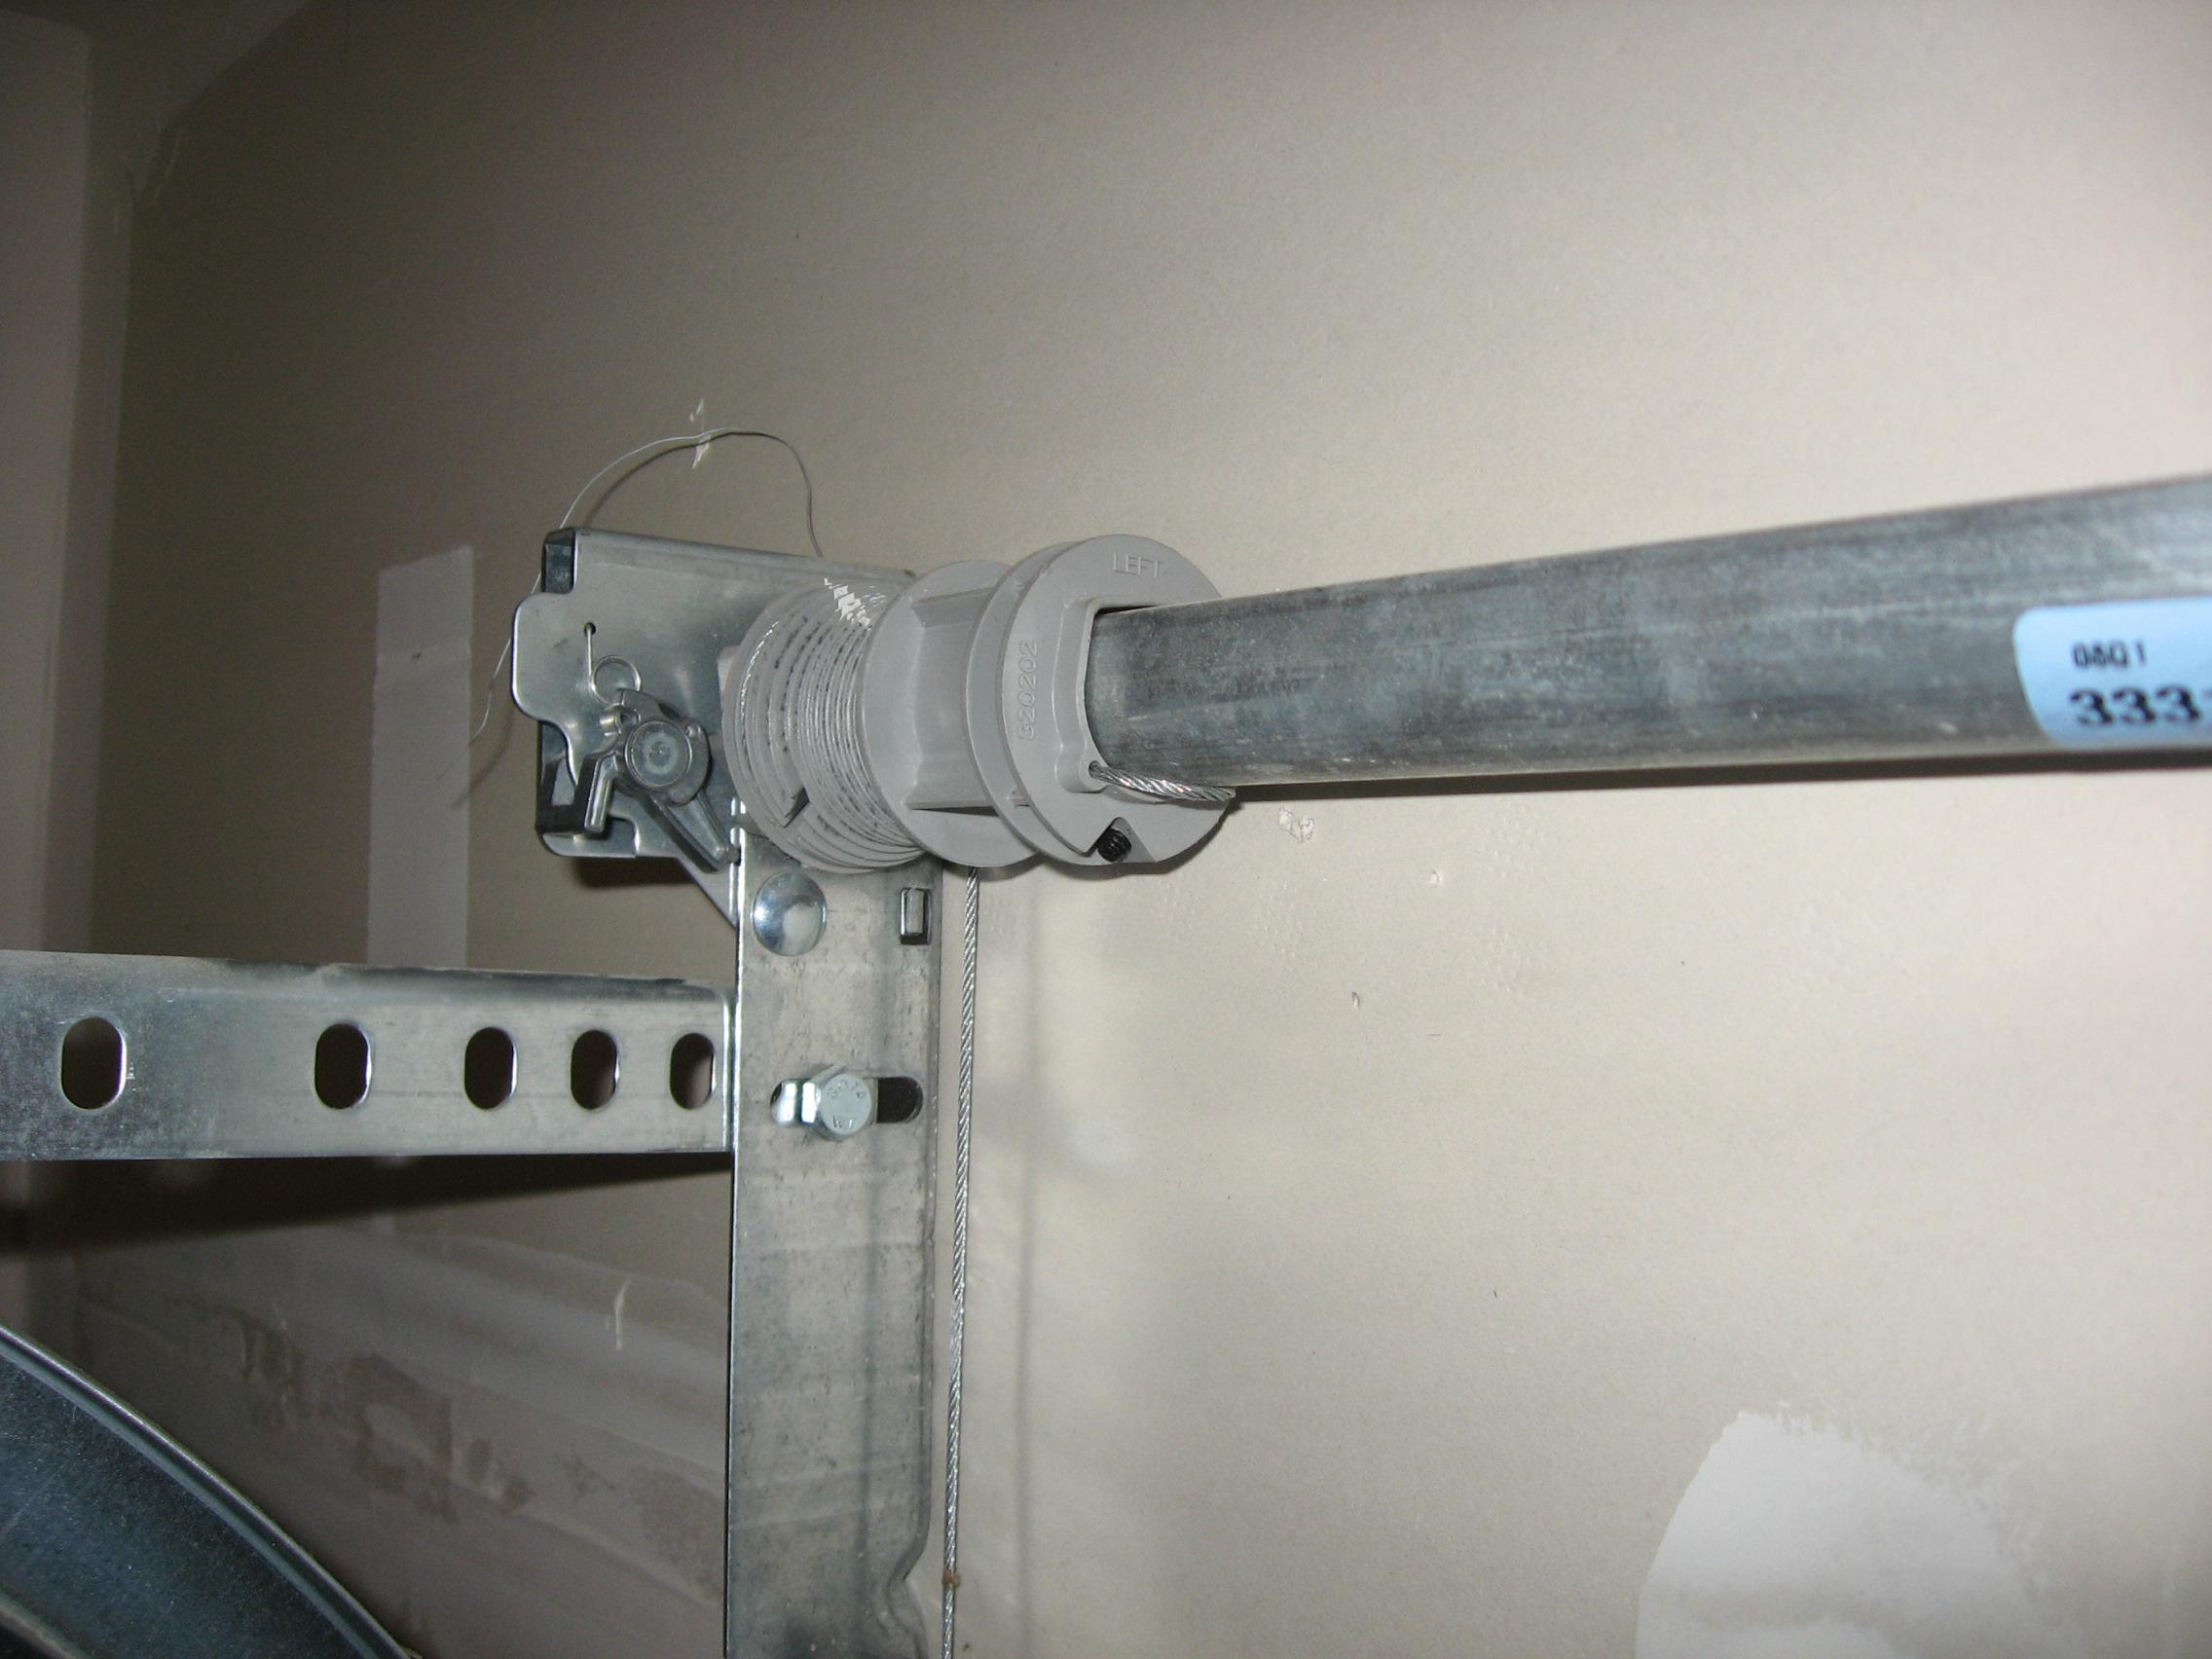 Torquemaster spring system